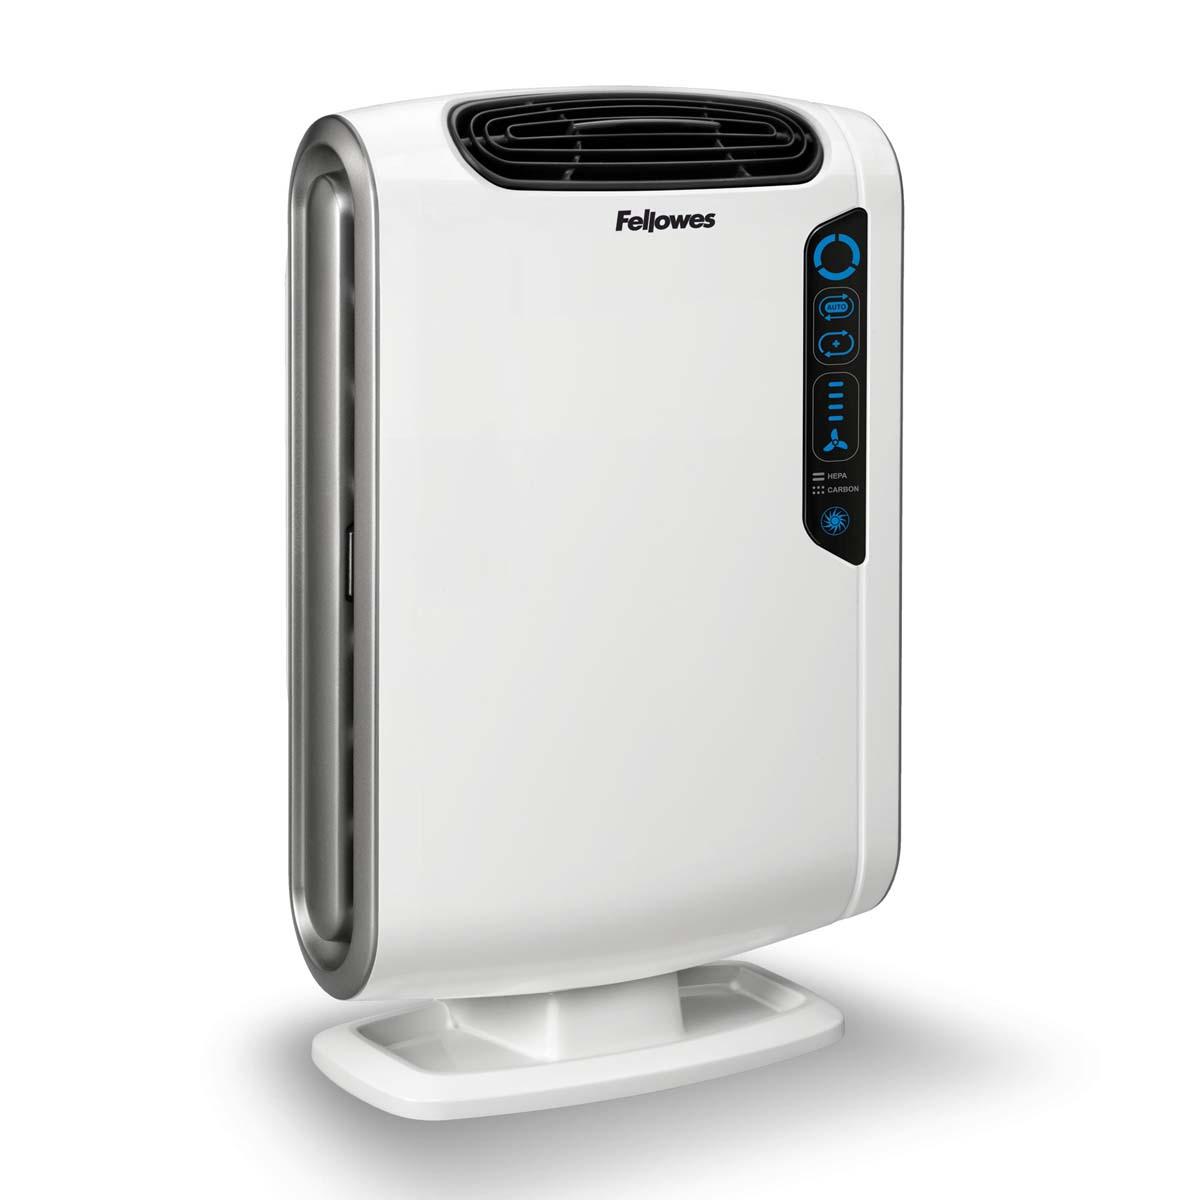 Fellowes Aeramax DX55 воздухоочиститель - Воздухоочистители